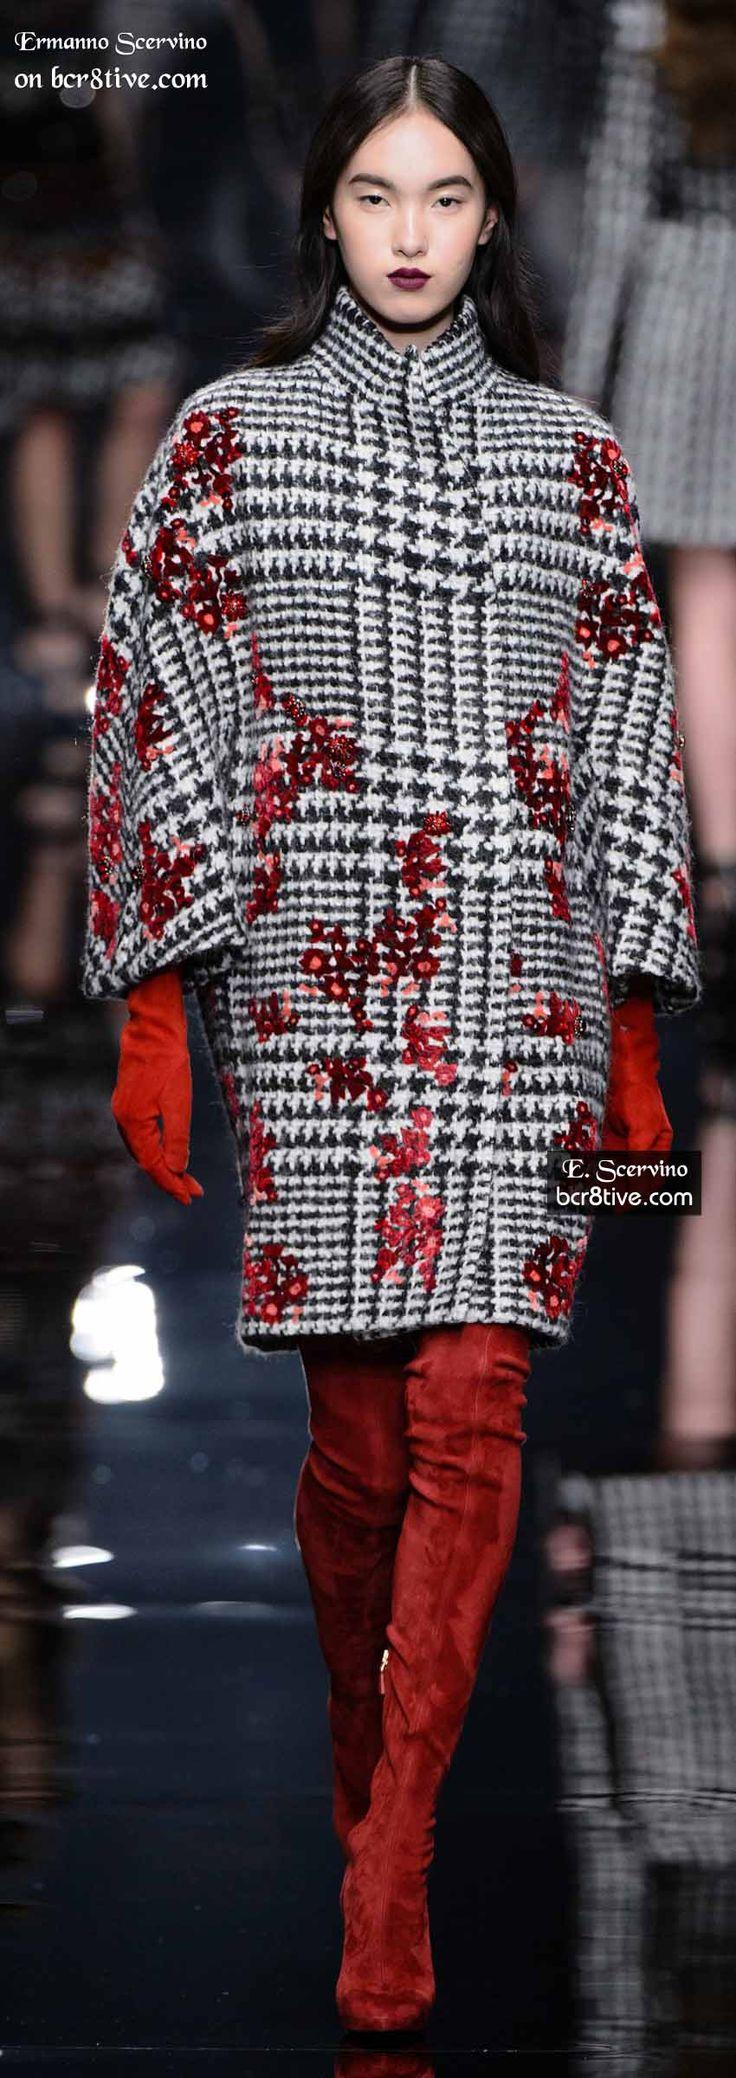 Ermanno Scervino Couture Fall 2015-16